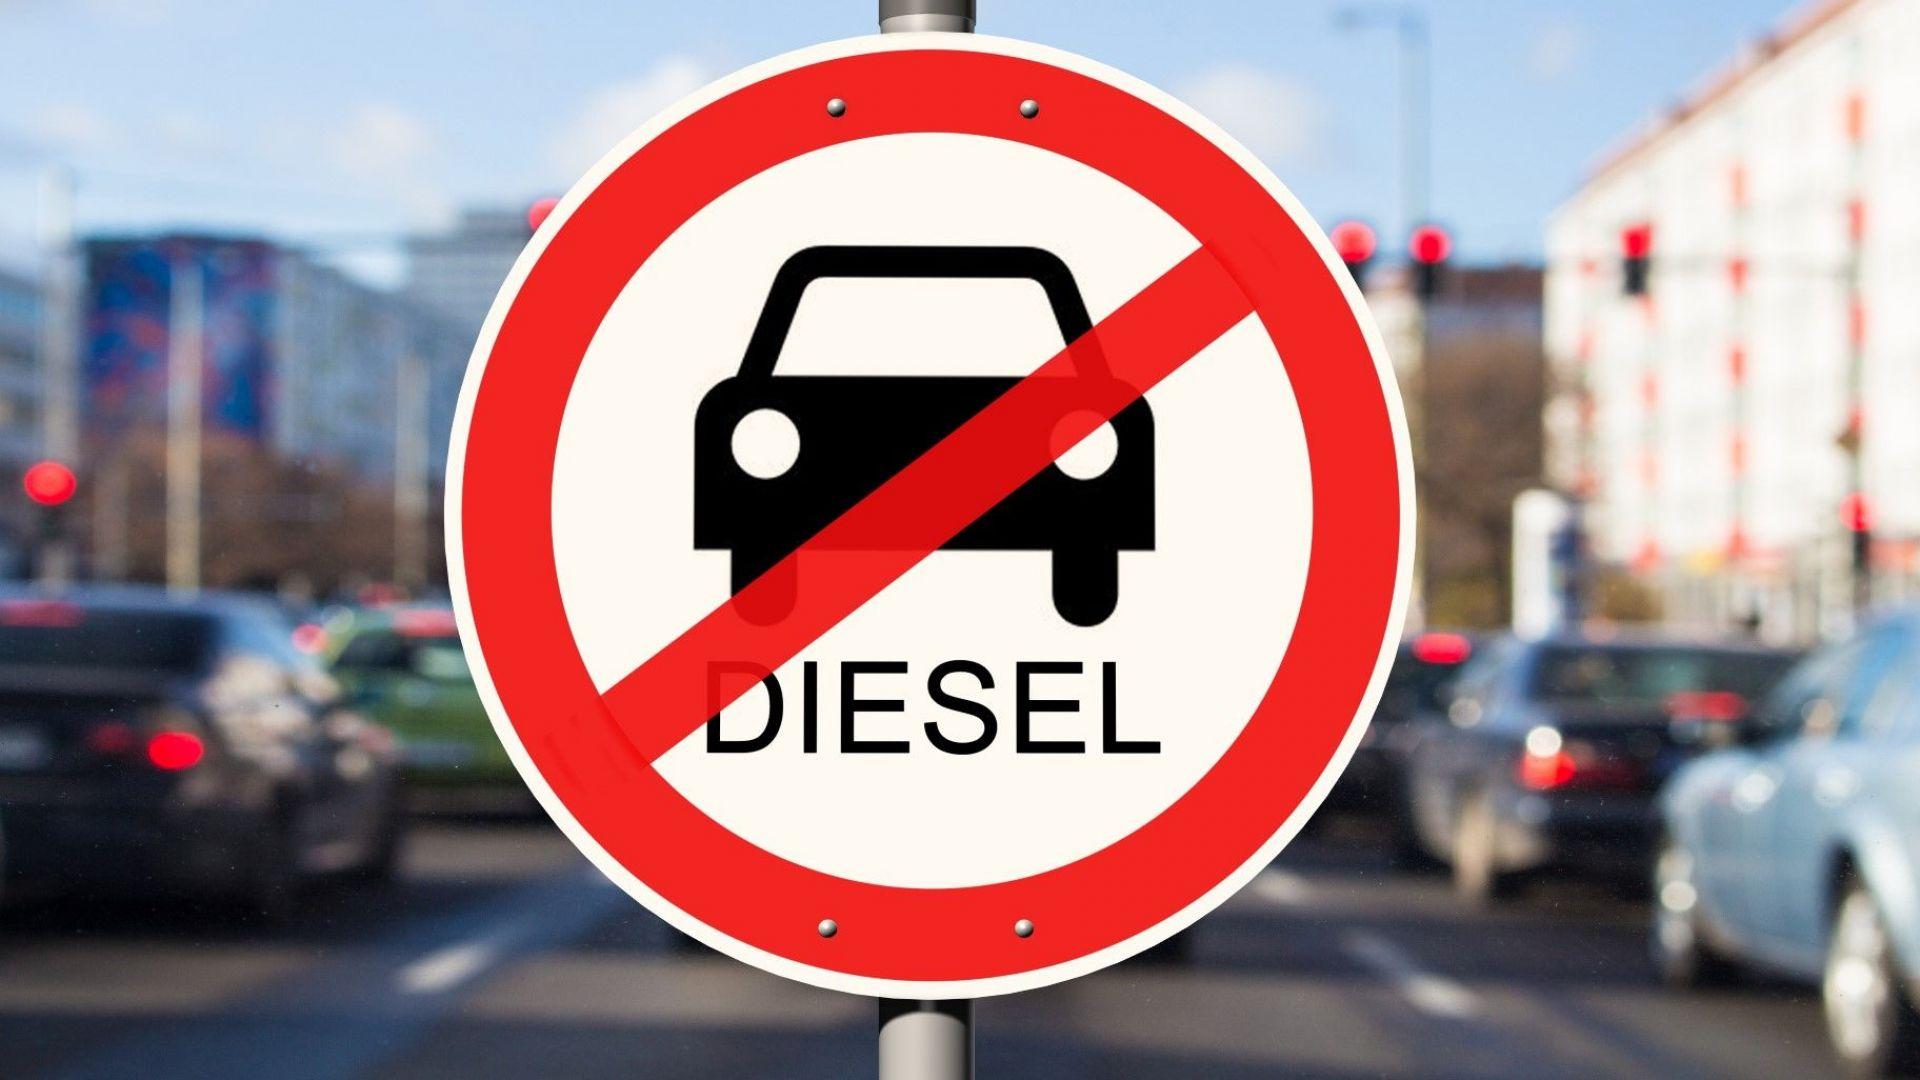 Над 400 хил. собственици на дизели с колективен иск срещу Фолксваген